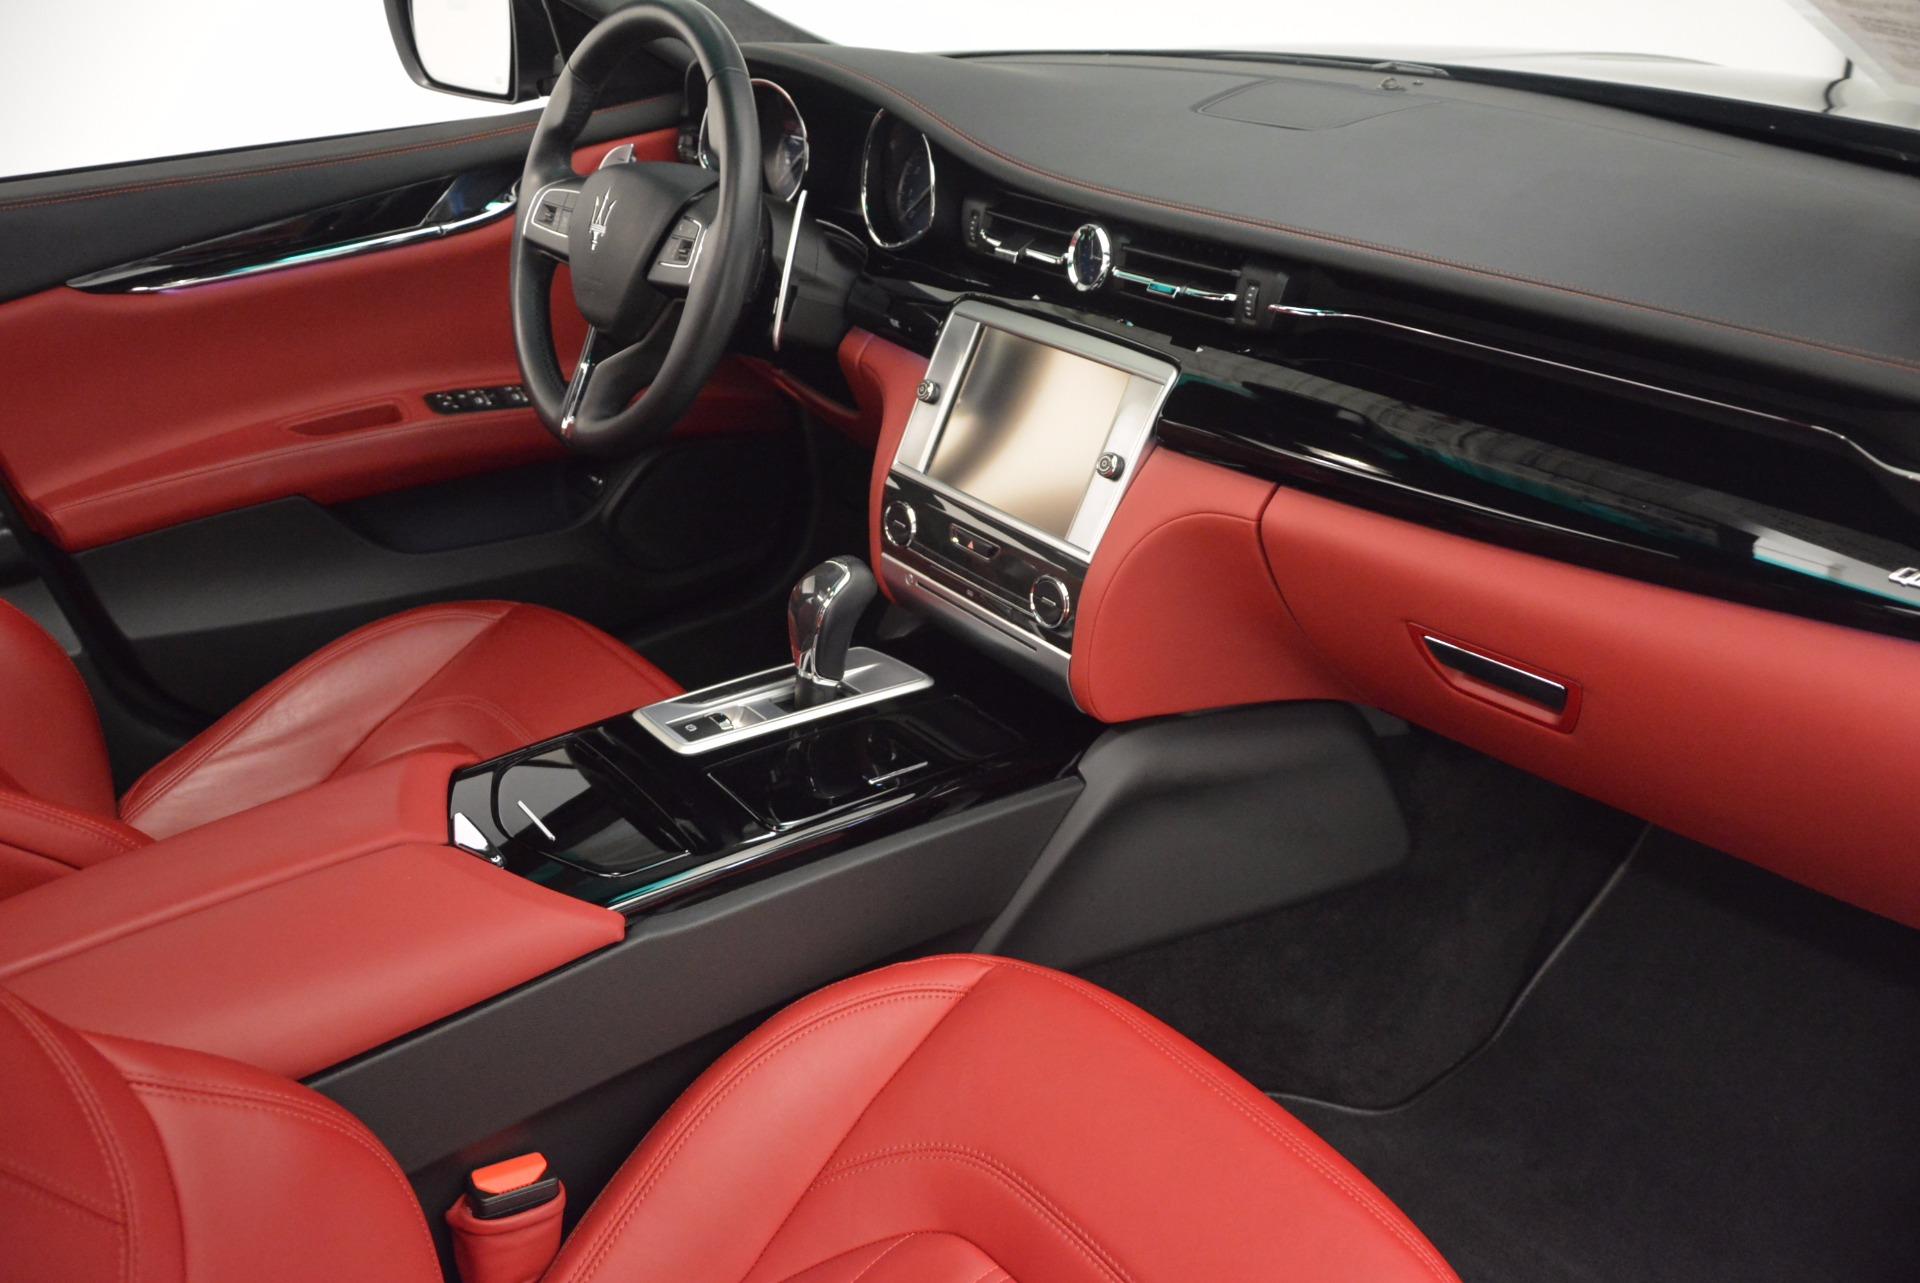 Used 2015 Maserati Quattroporte S Q4 For Sale In Westport, CT 809_p20